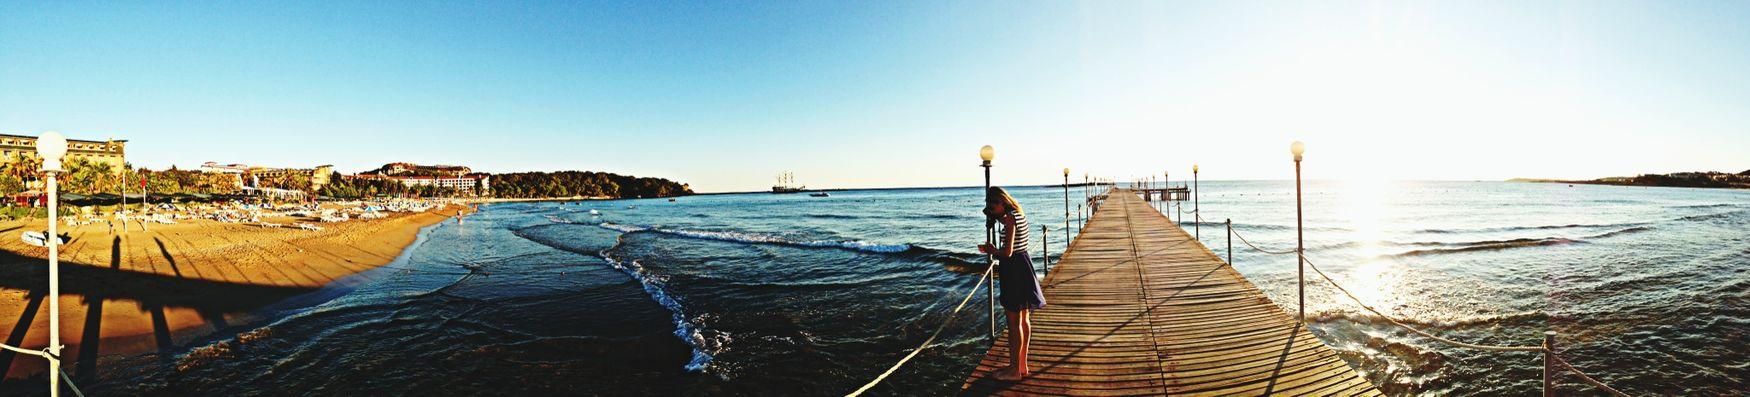 Sea Girl Pier Photos Sun